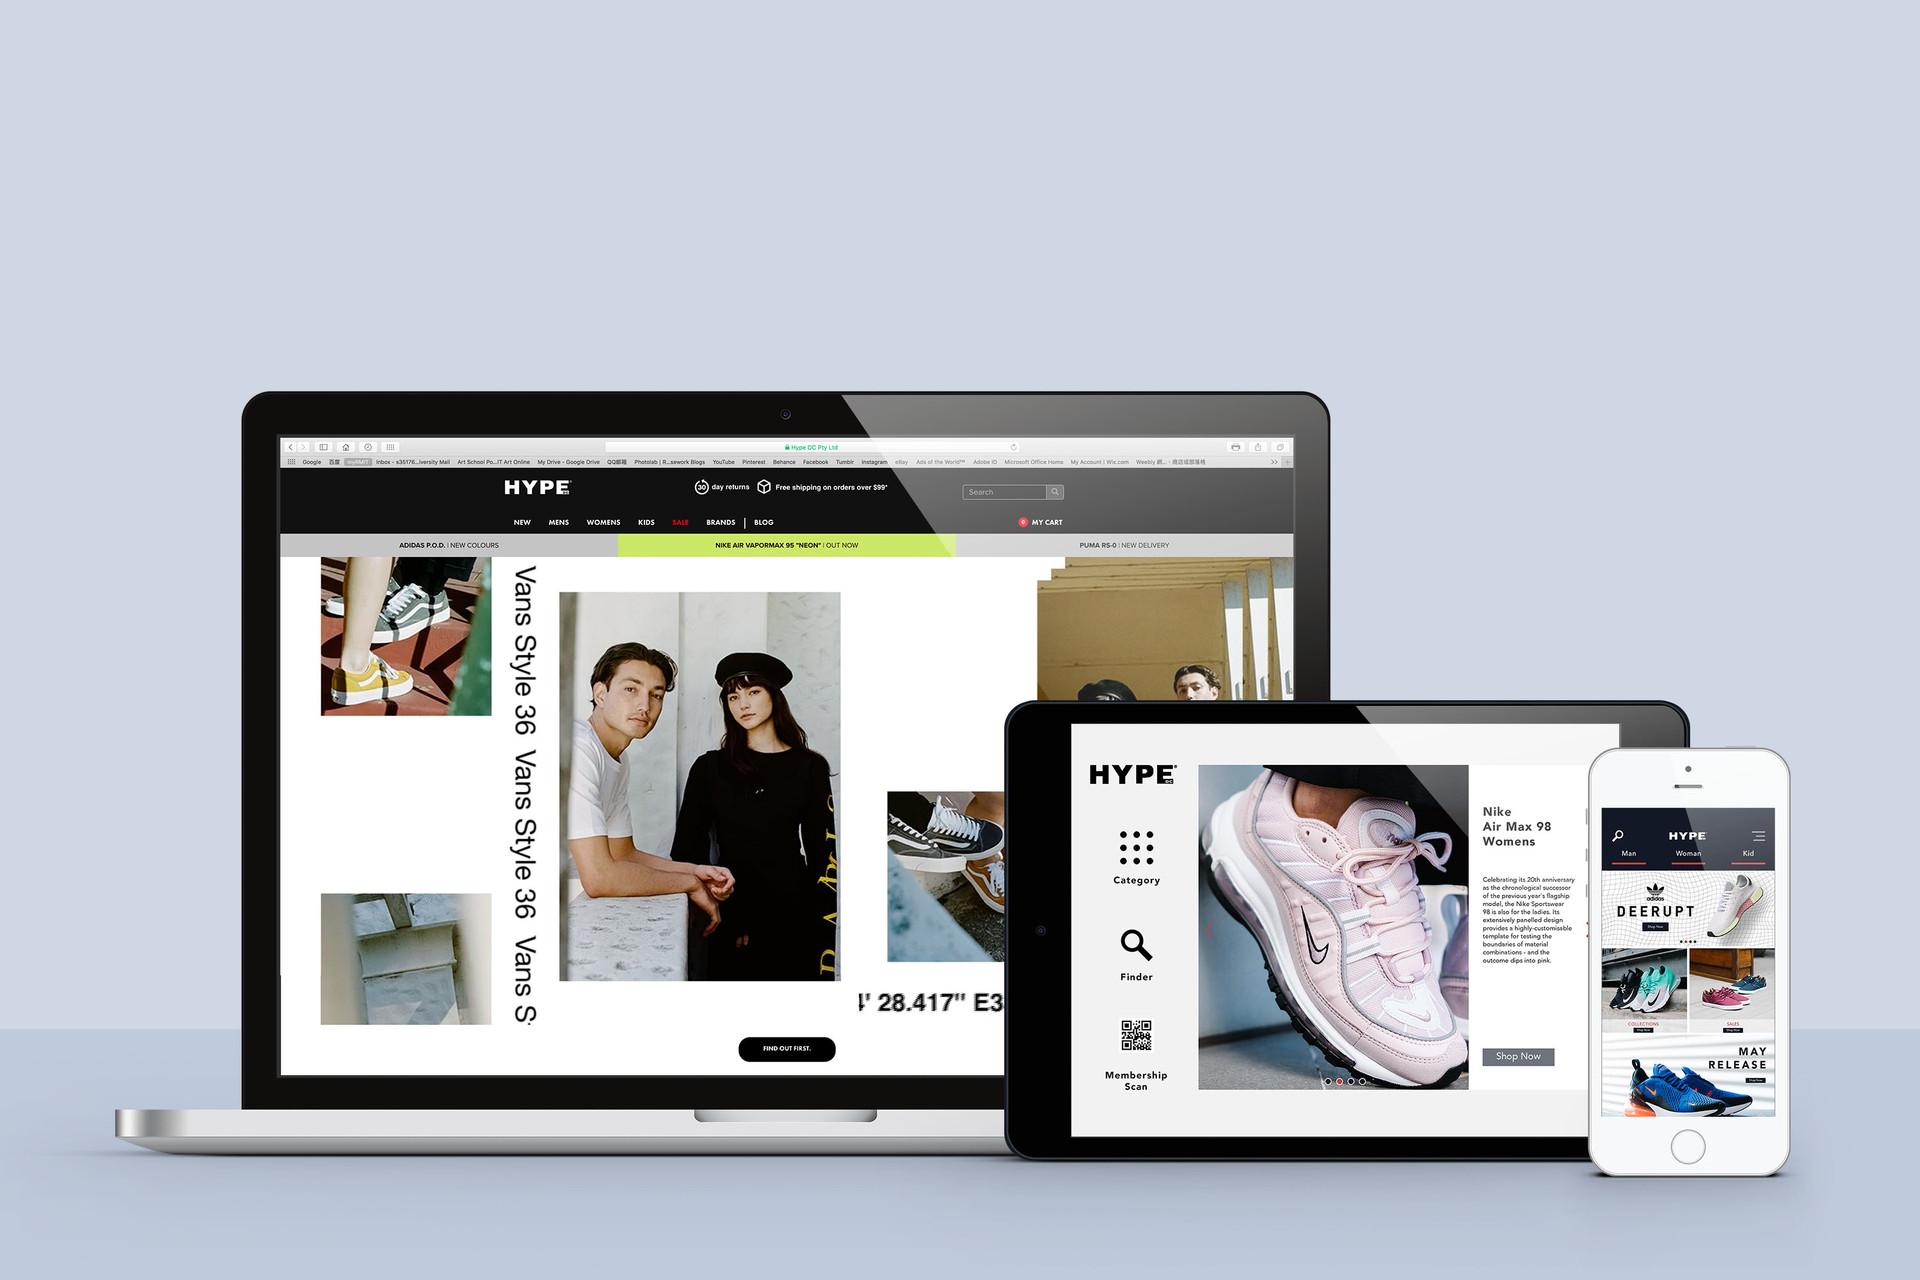 mac+ipad+iphone.jpg